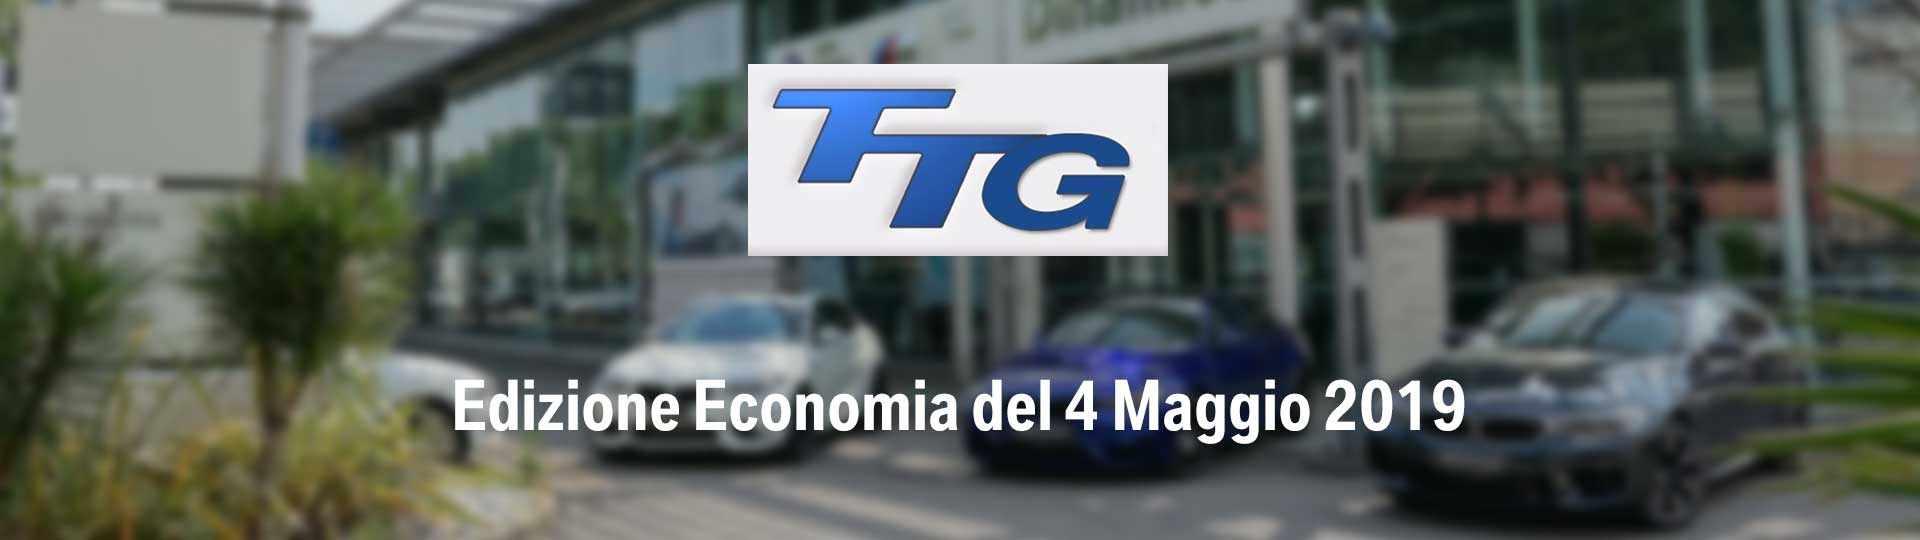 header_edizione_economia.jpg